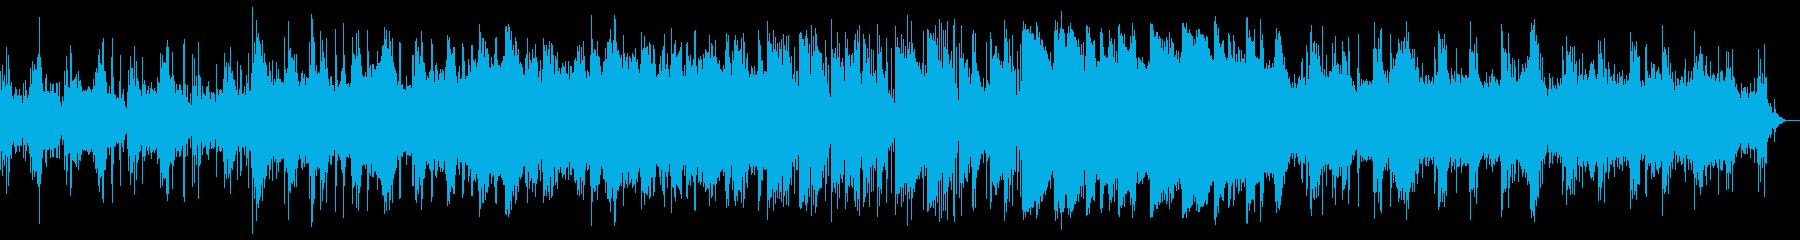 浮遊感あるゆったりなメロディーの再生済みの波形